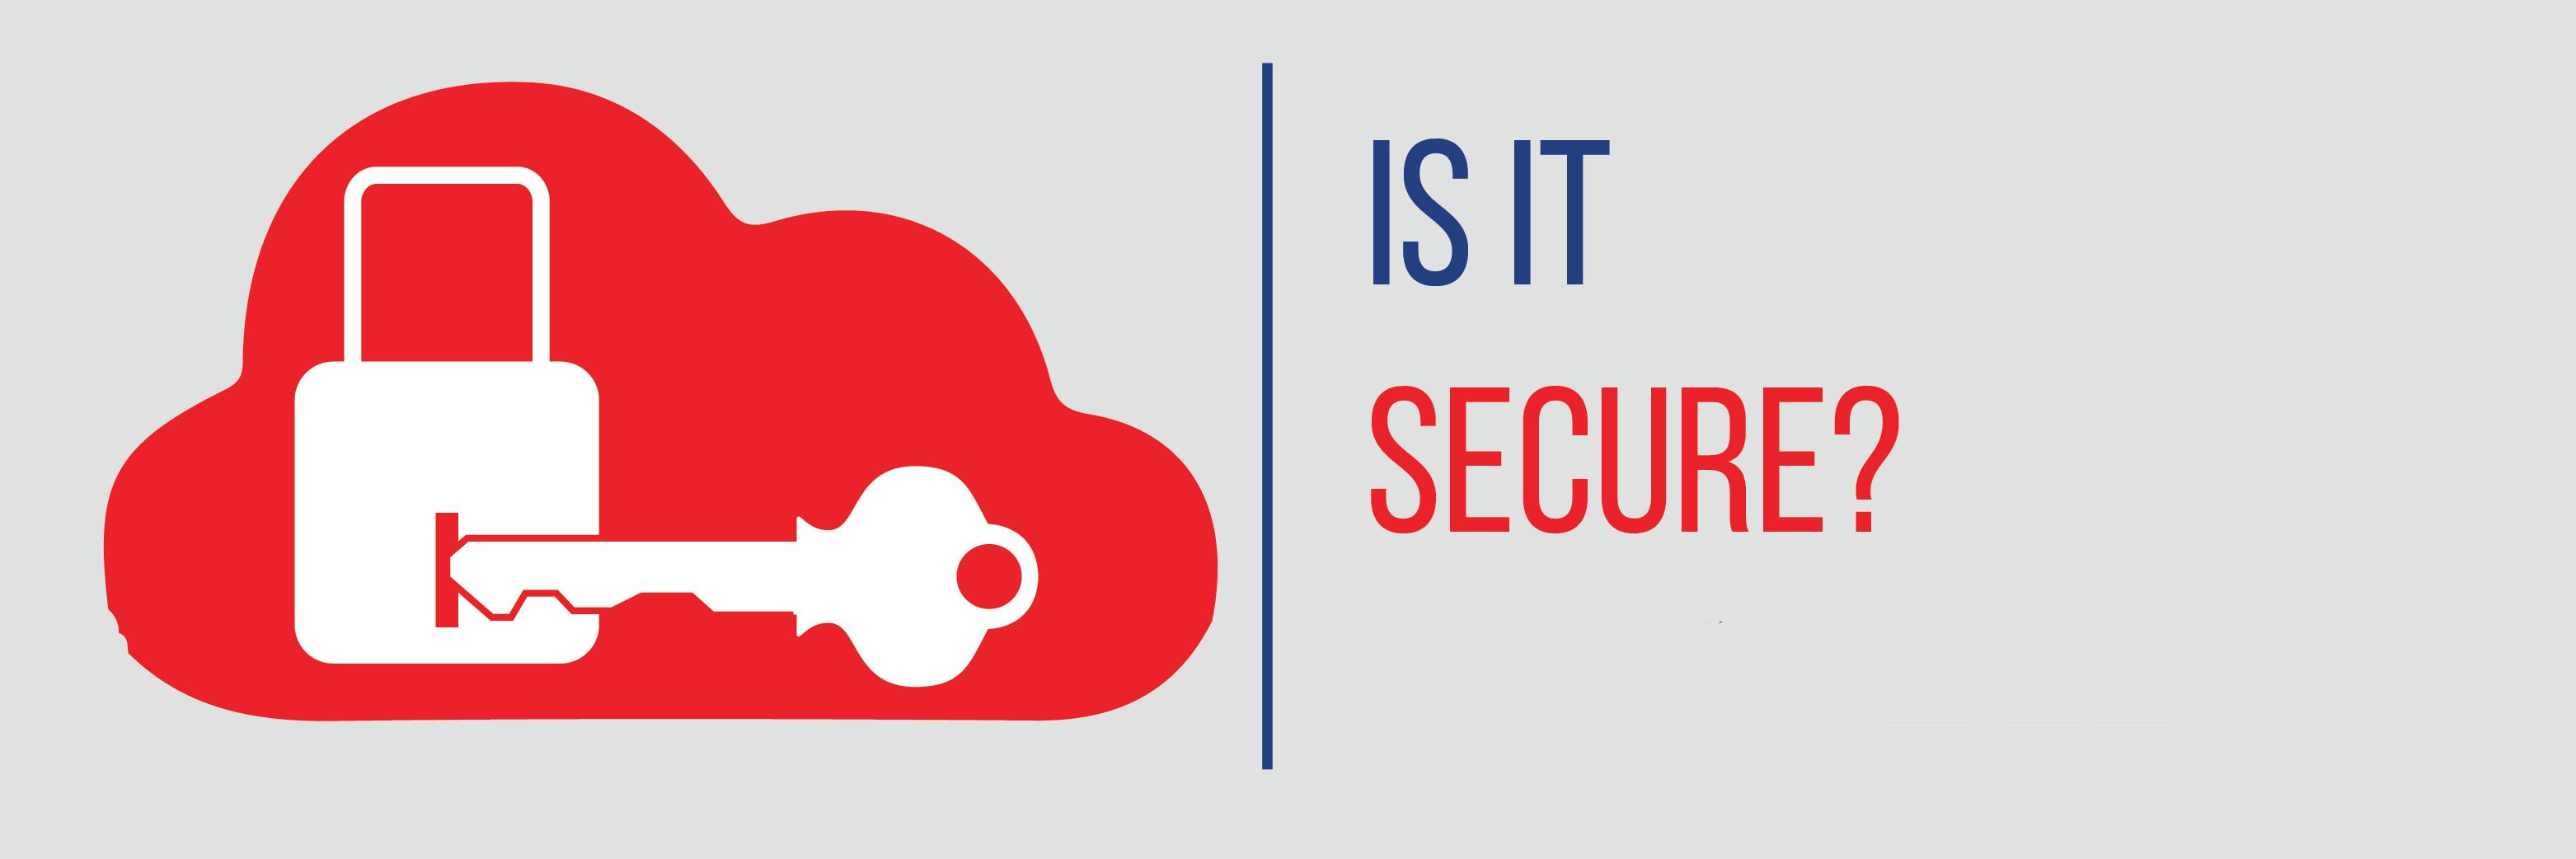 Is it secure?